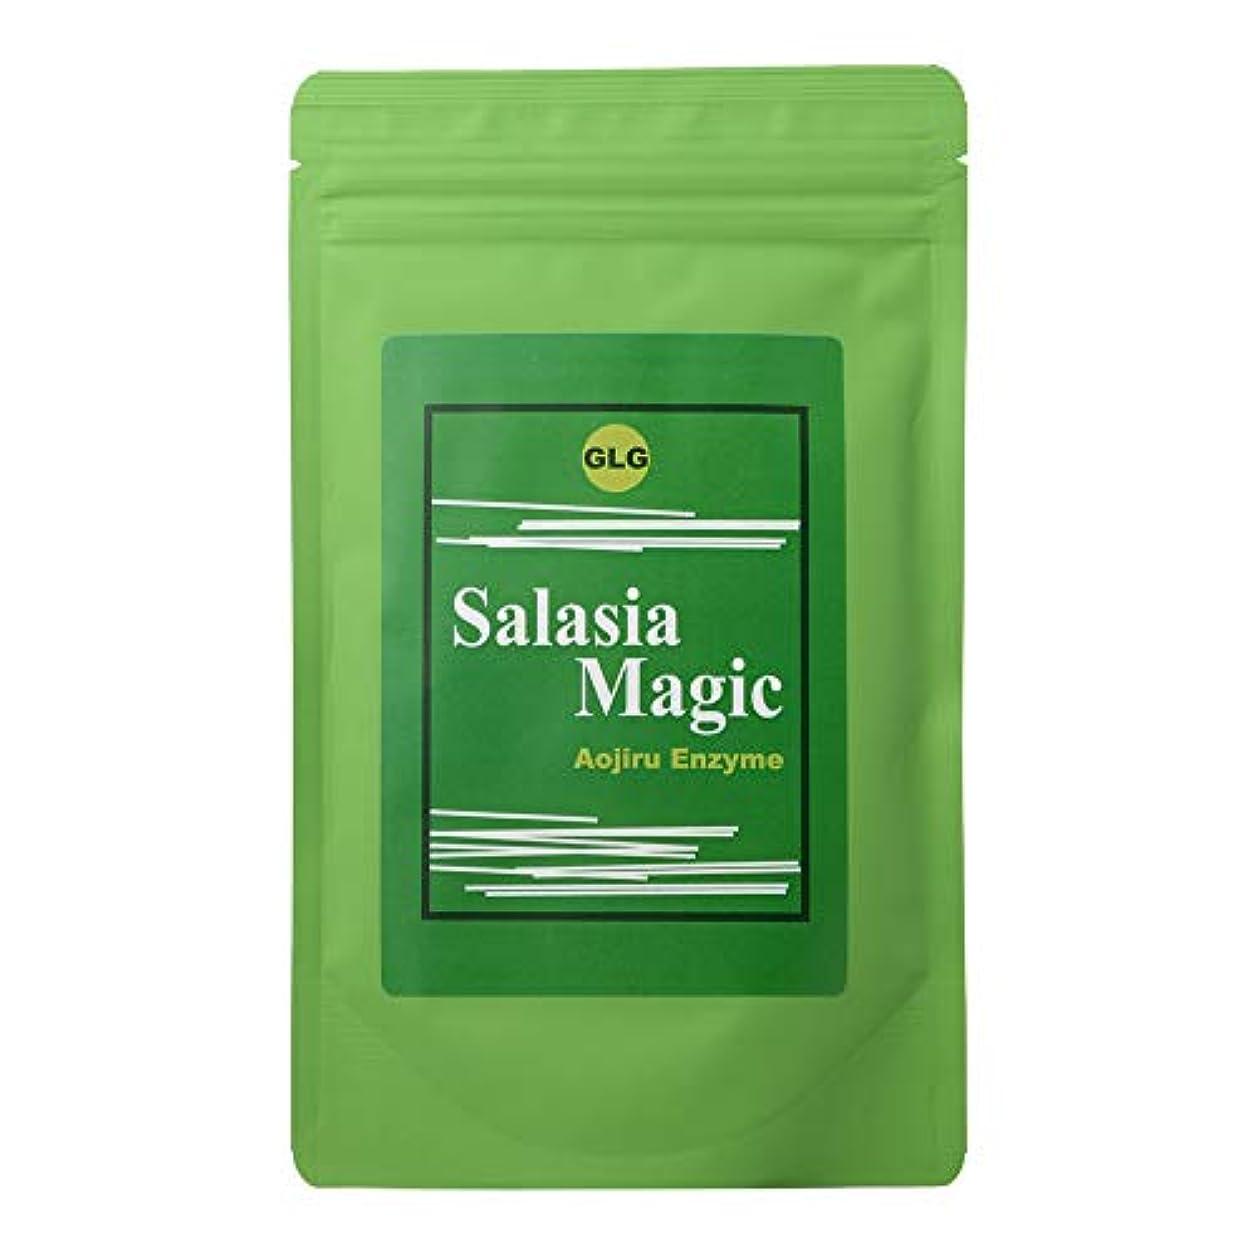 香水ビール感情のサラシアマジック 青汁酵素 (ダイエットドリンク) お茶 健康飲料 粉末 [内容量150g/ 説明書付き]